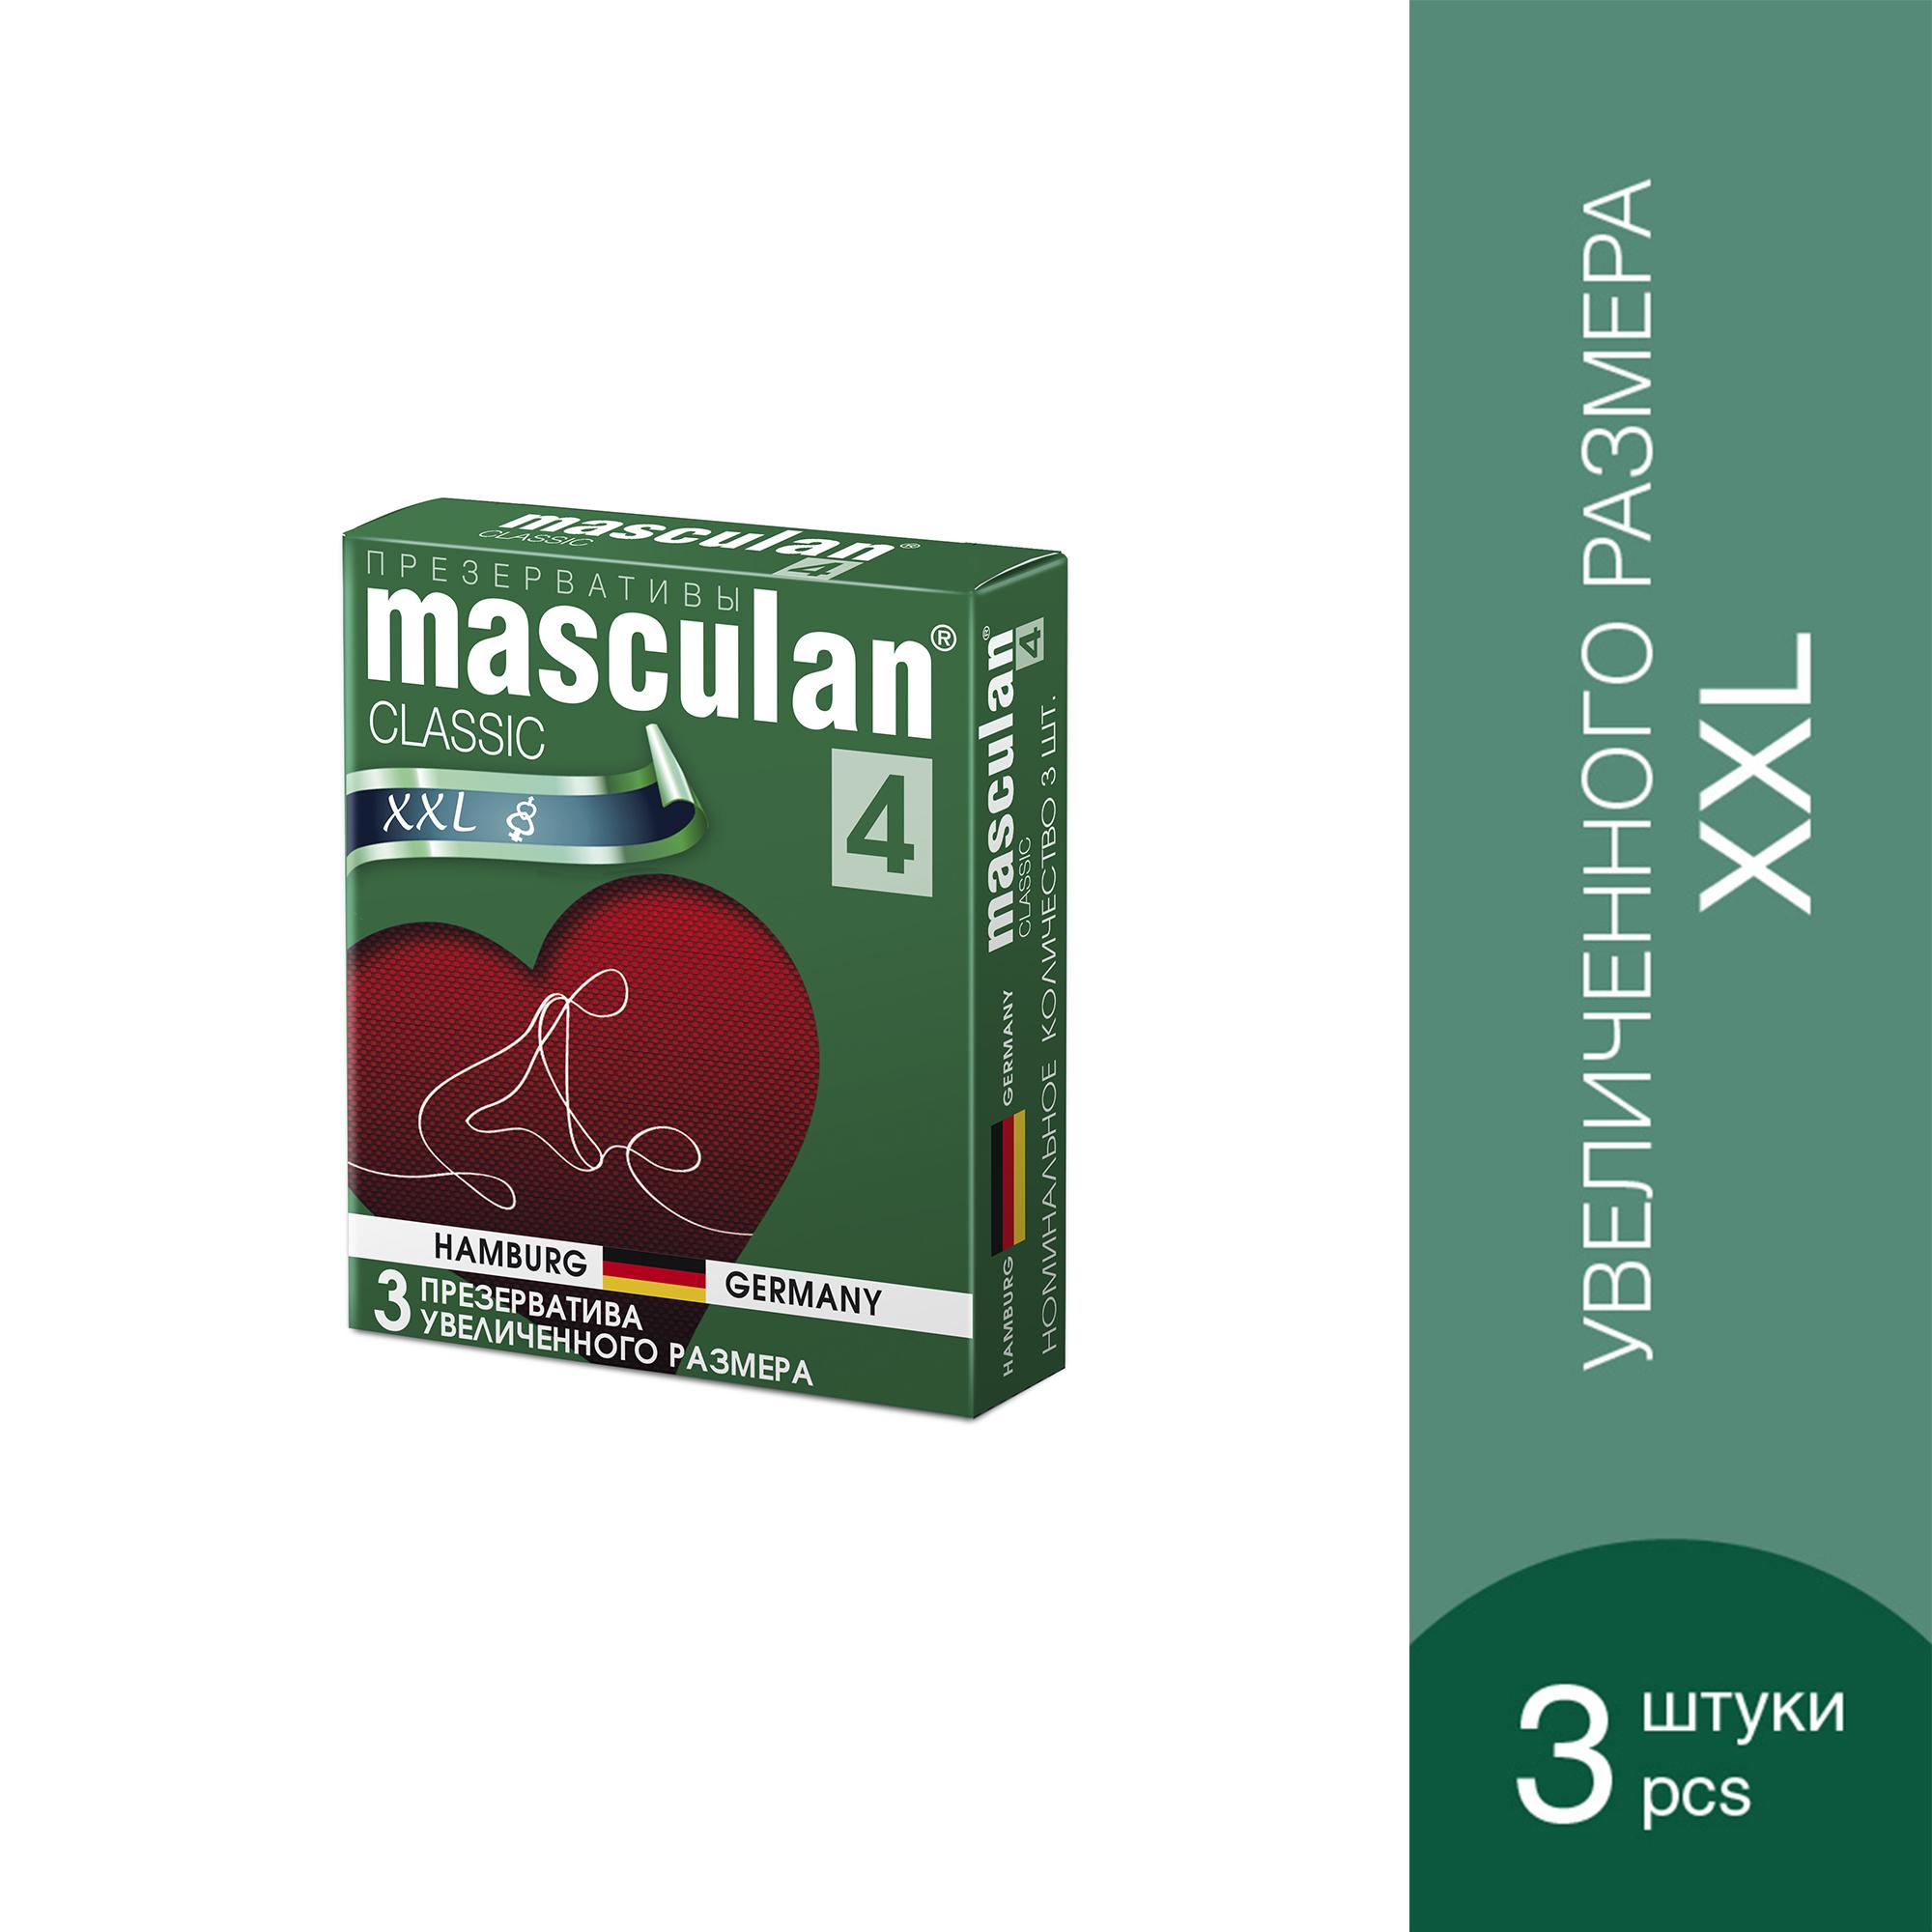 презервативы-маскулан-классик-тип4-XXL-увеличинные-3шт